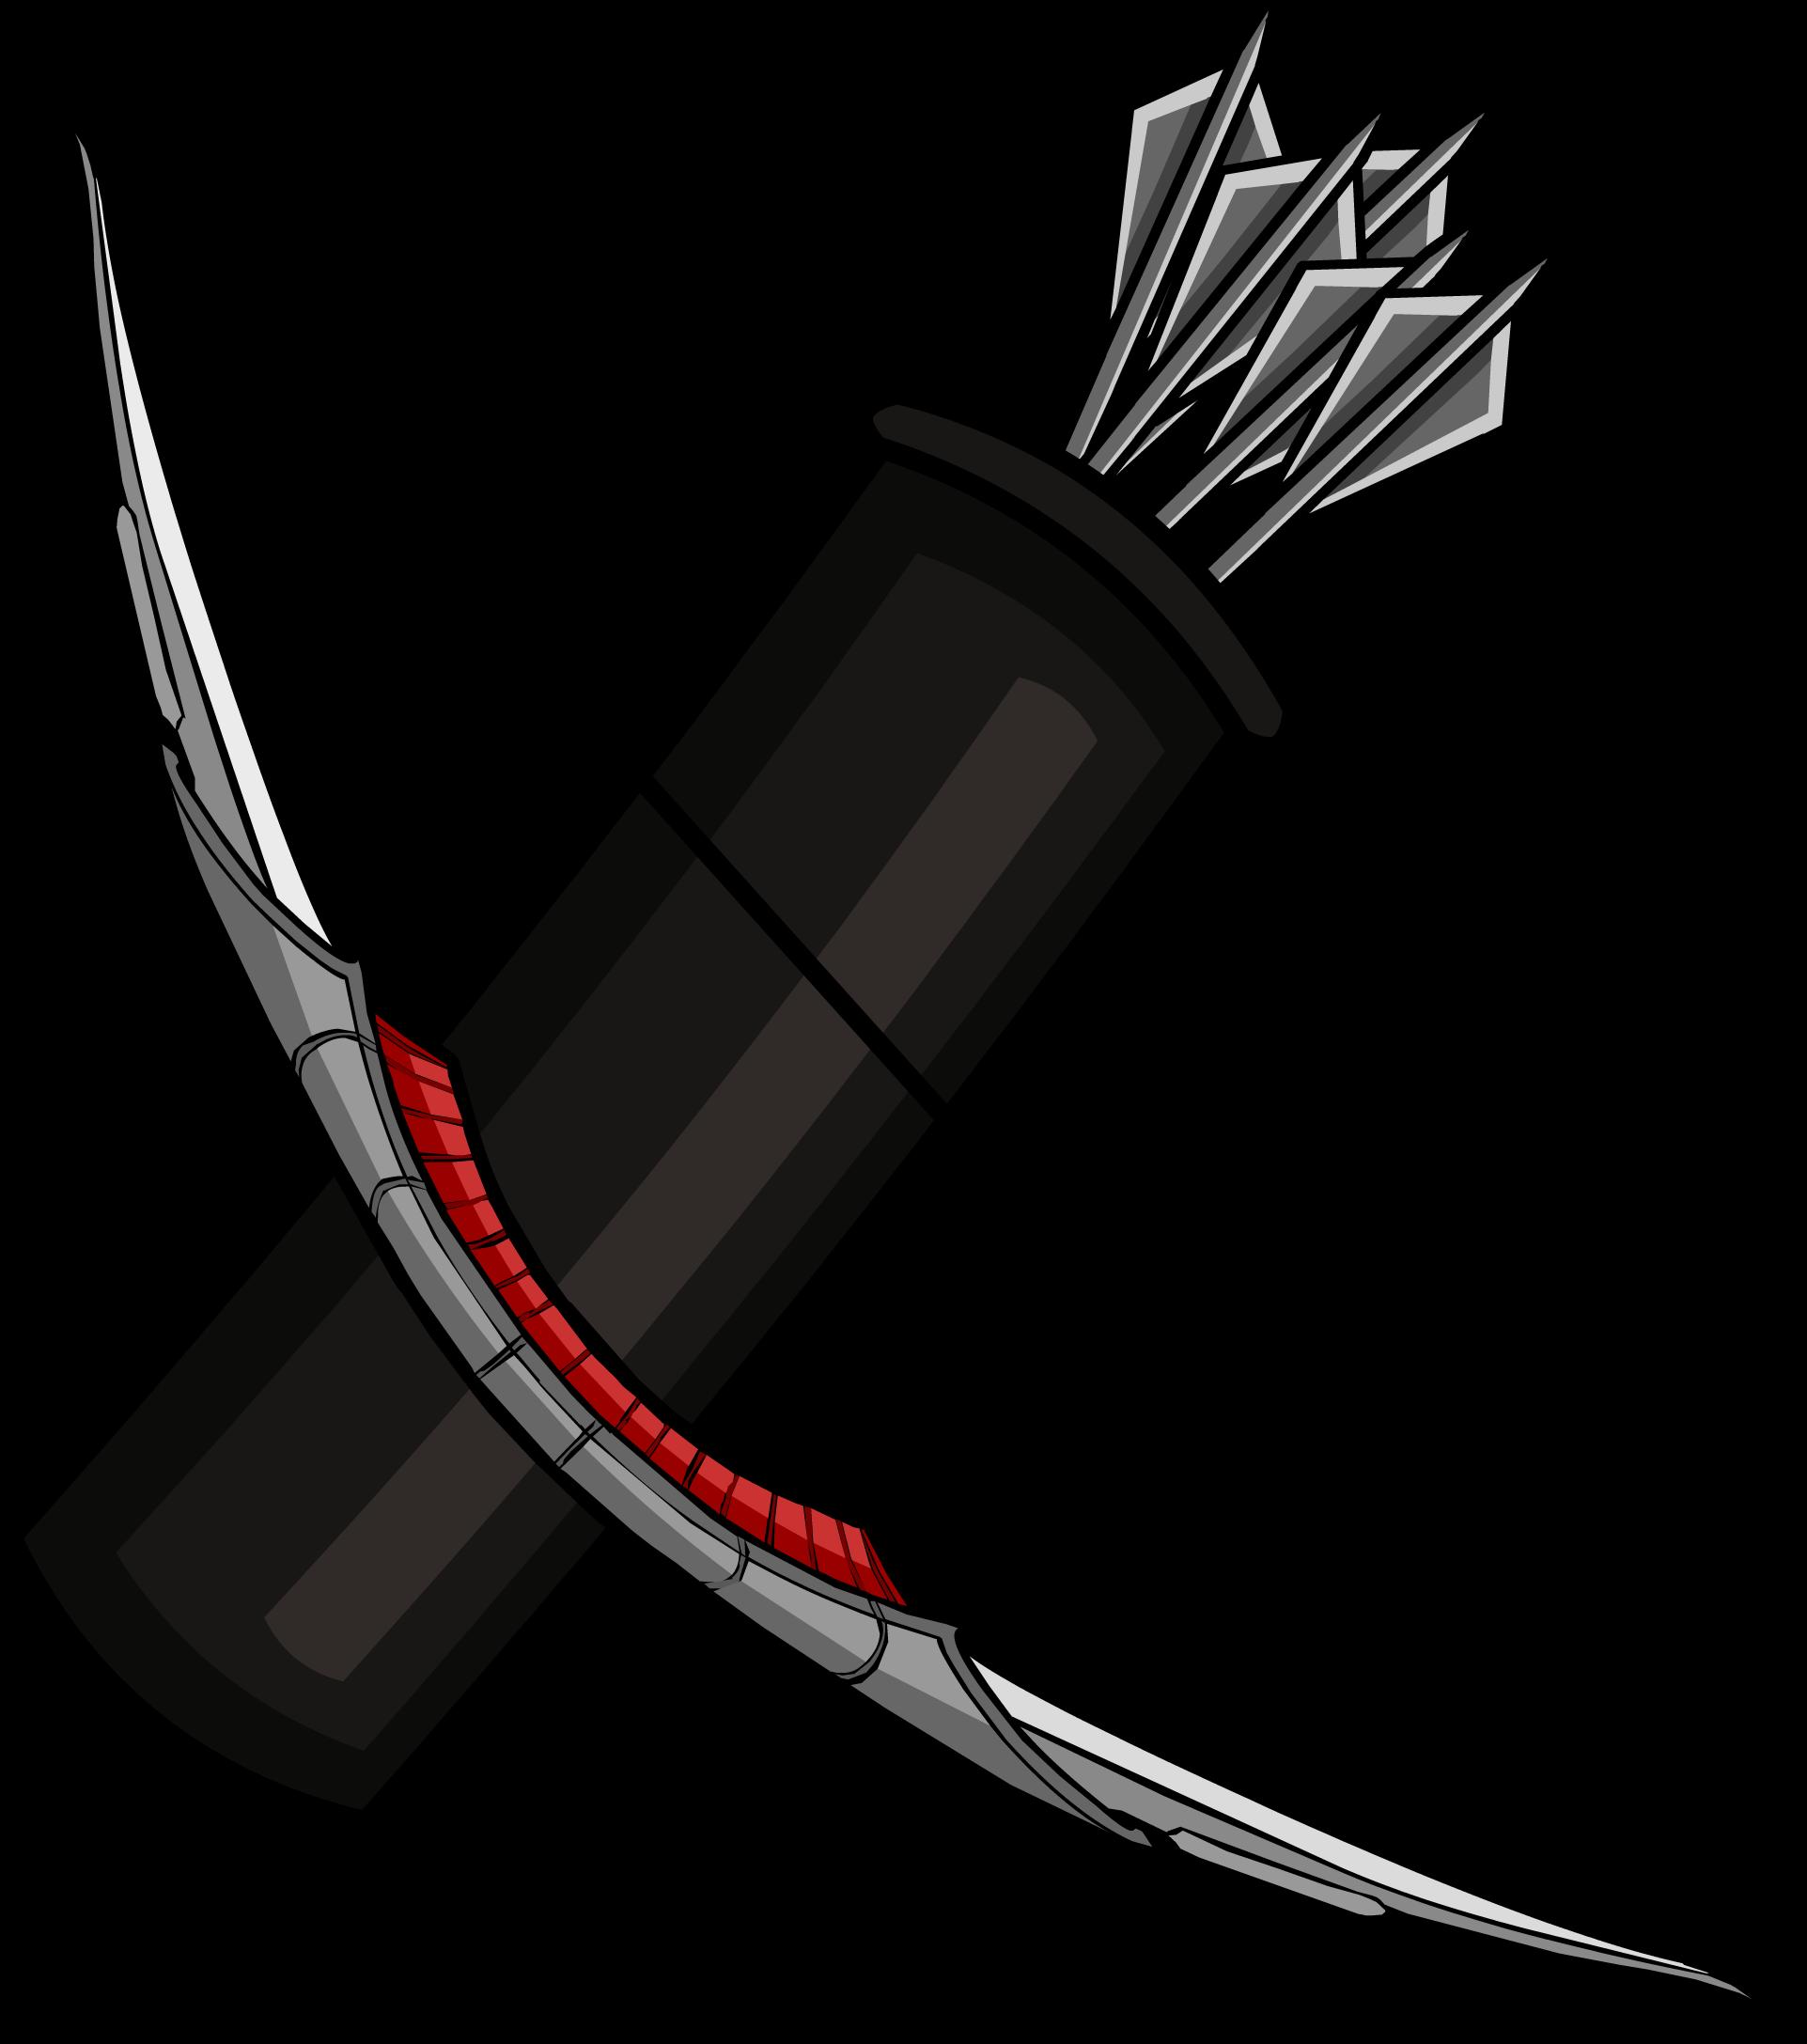 Club clipart club weapon. Hawkeye bow free on